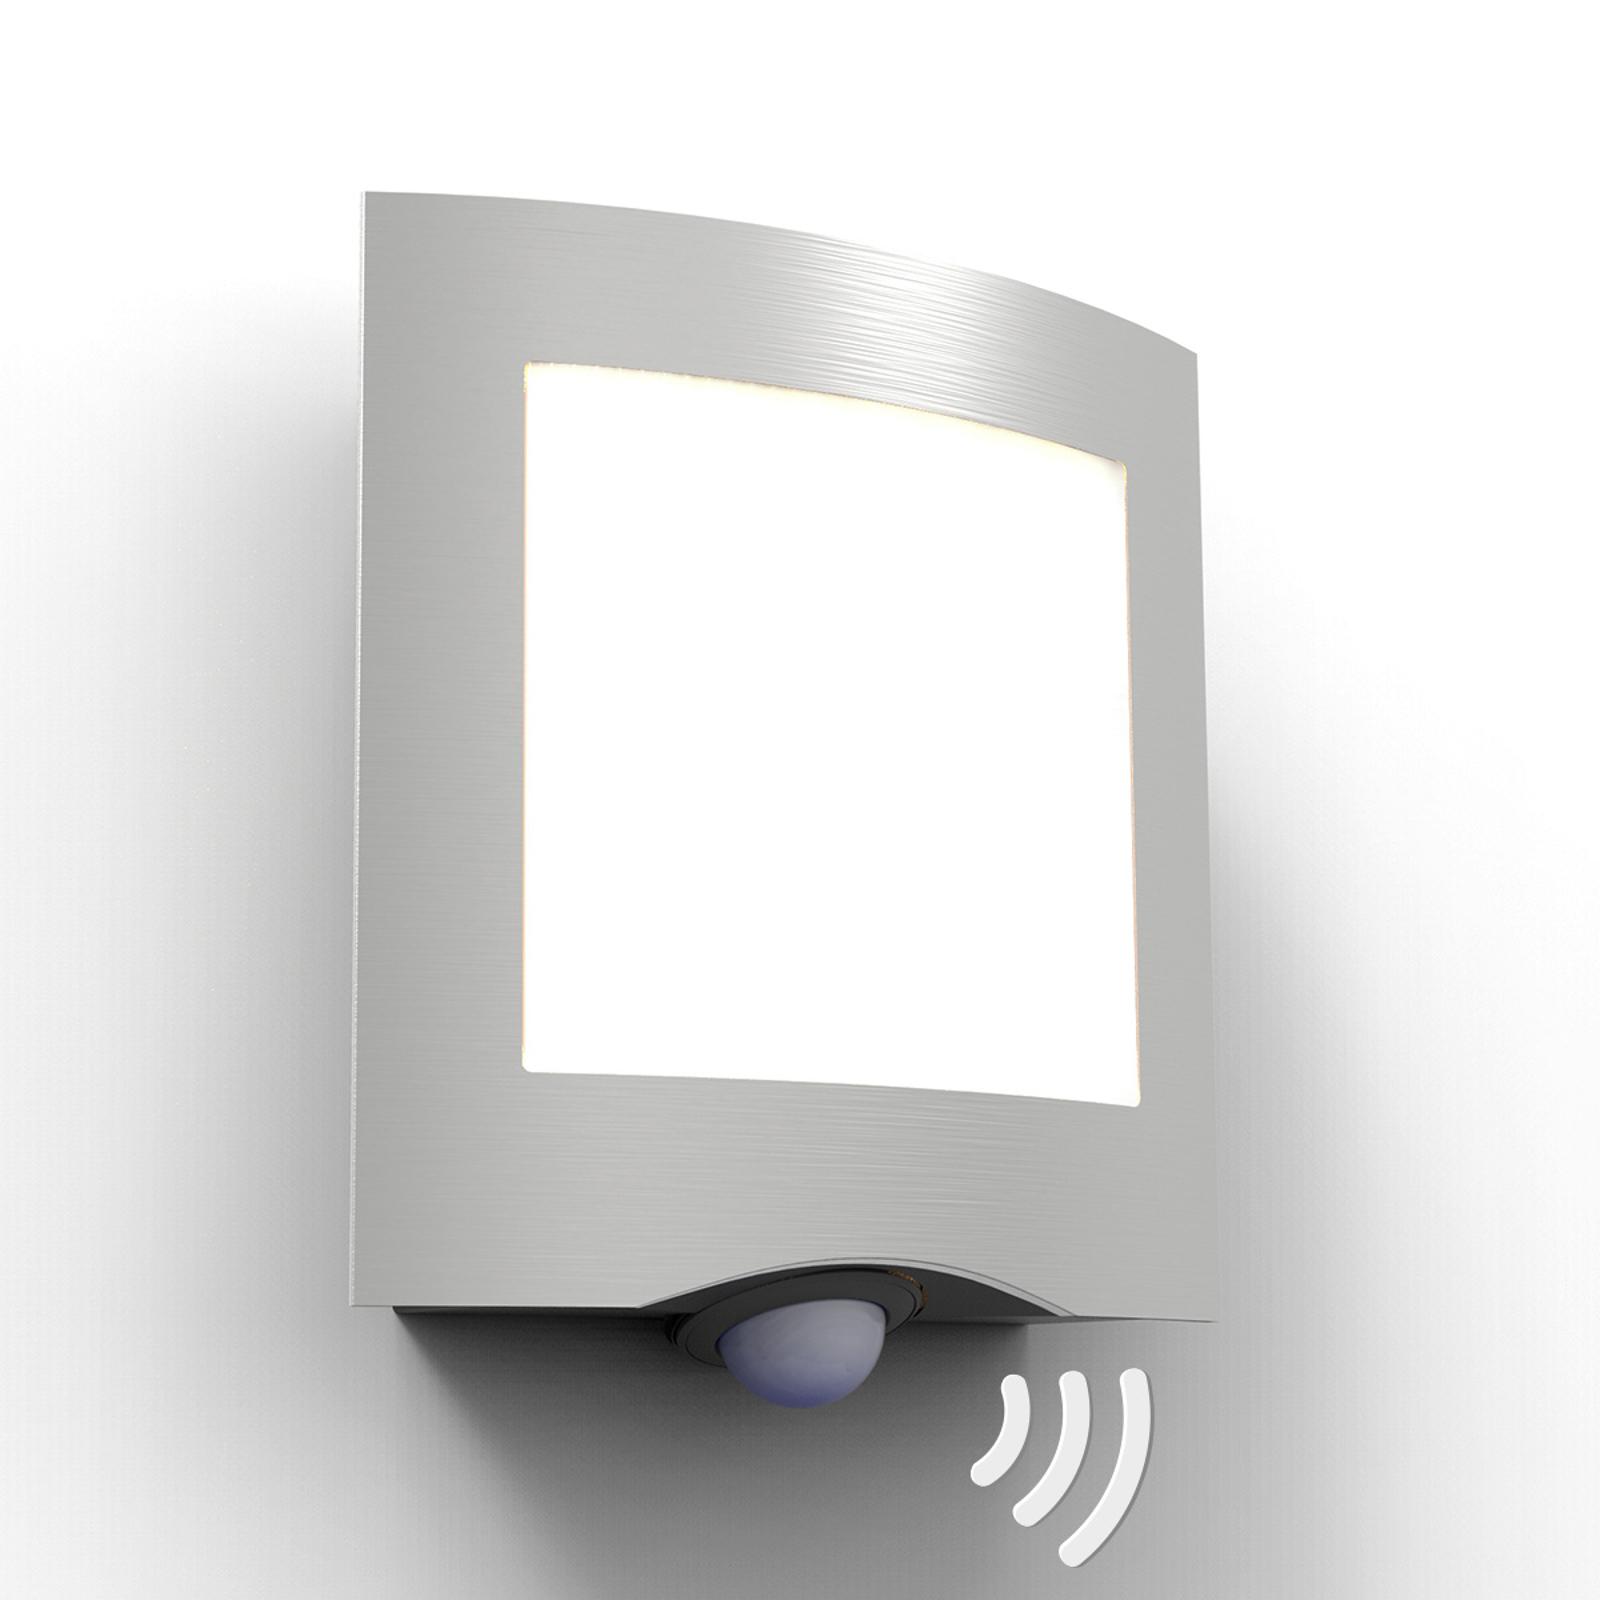 Farell utendørs LED-lampe, rustfritt stål, sensor